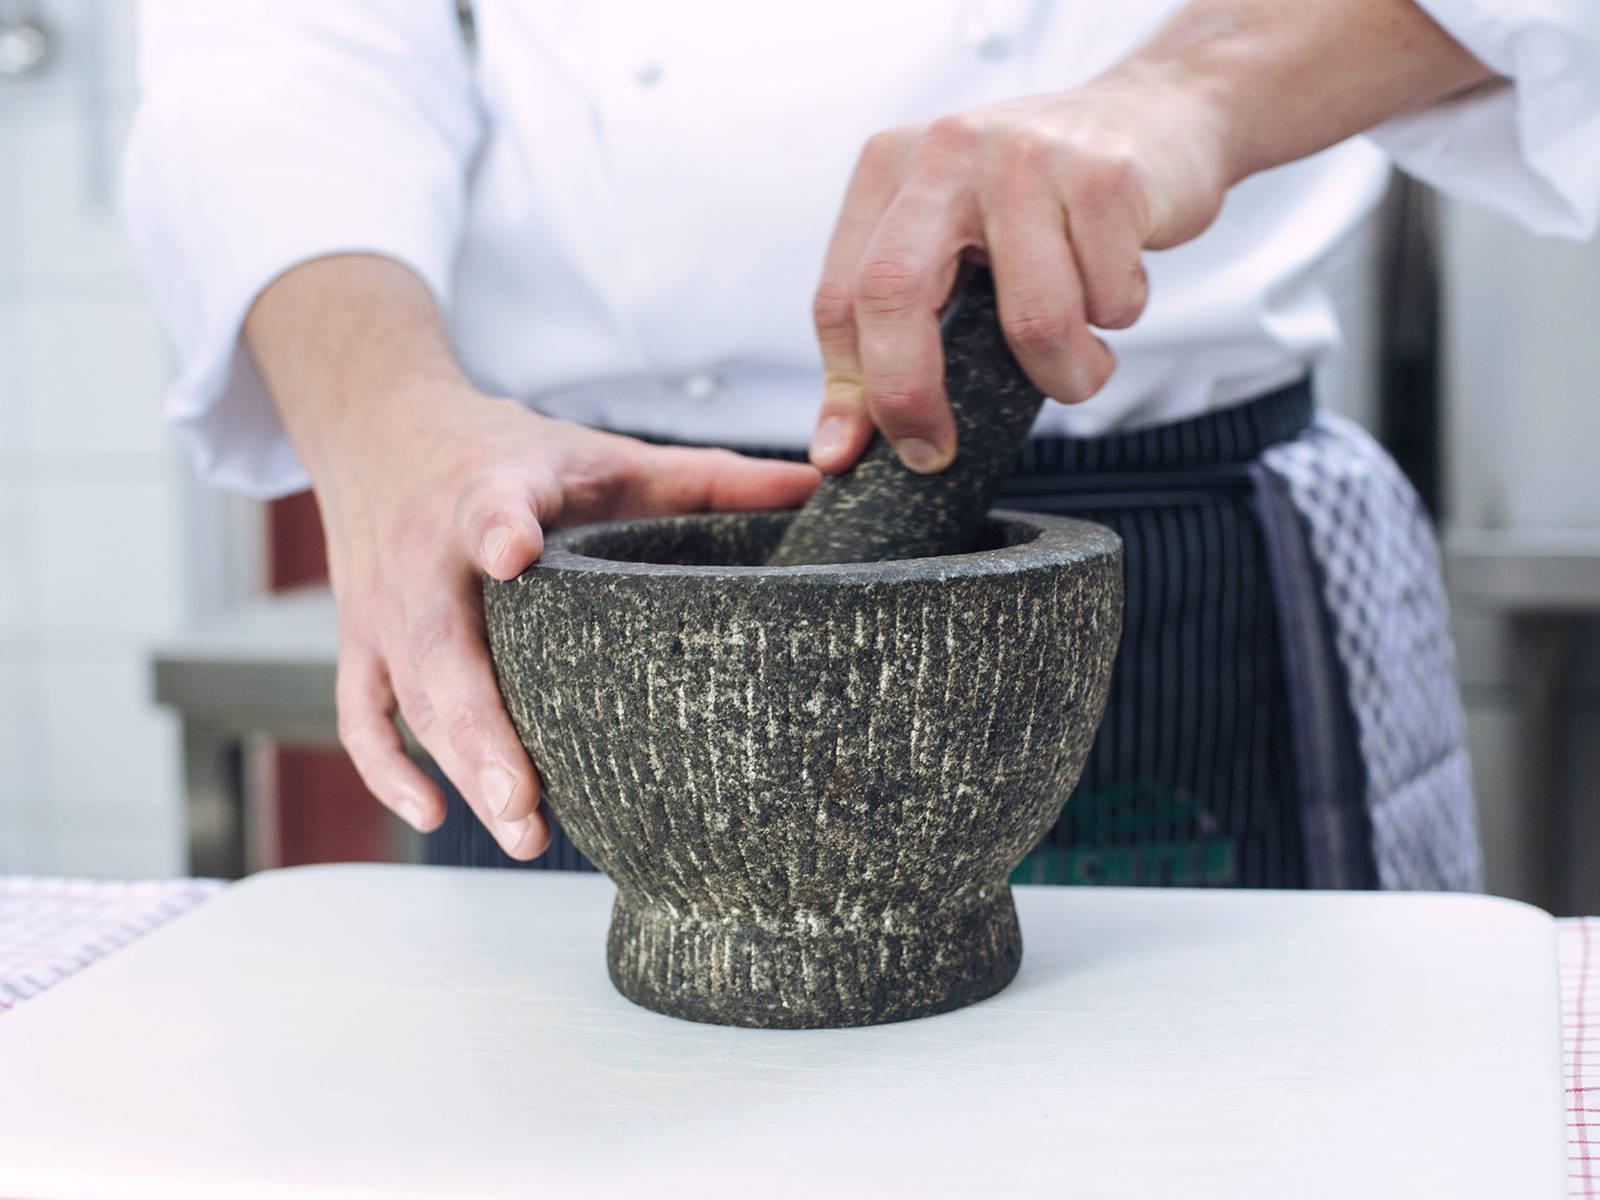 在干燥的锅中稍微烘烤一下杜松子。用研钵和杵将杜松子仔细碾碎。在汤锅中放入碾碎的杜松子、高汤和奶油。微沸15-20分钟。关火取下,撒盐与胡椒调味。